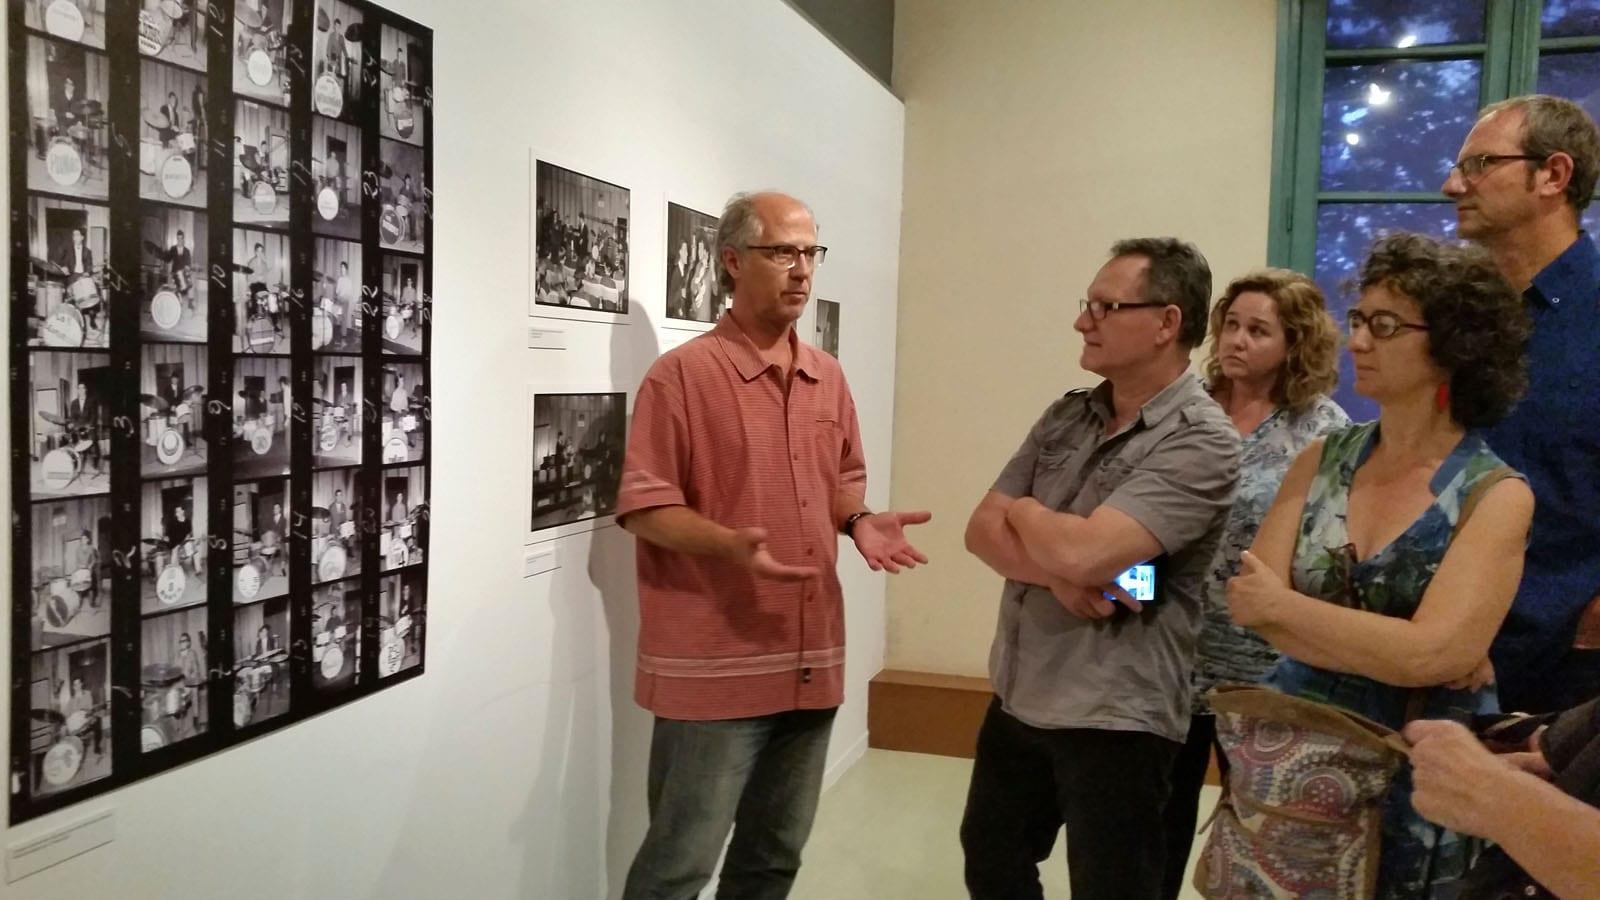 Visita guiada a l'exposició Antoni Capella, fotògraf de societat 1955-1980 a càrrec de Rafel Torrella. 17/06/2015